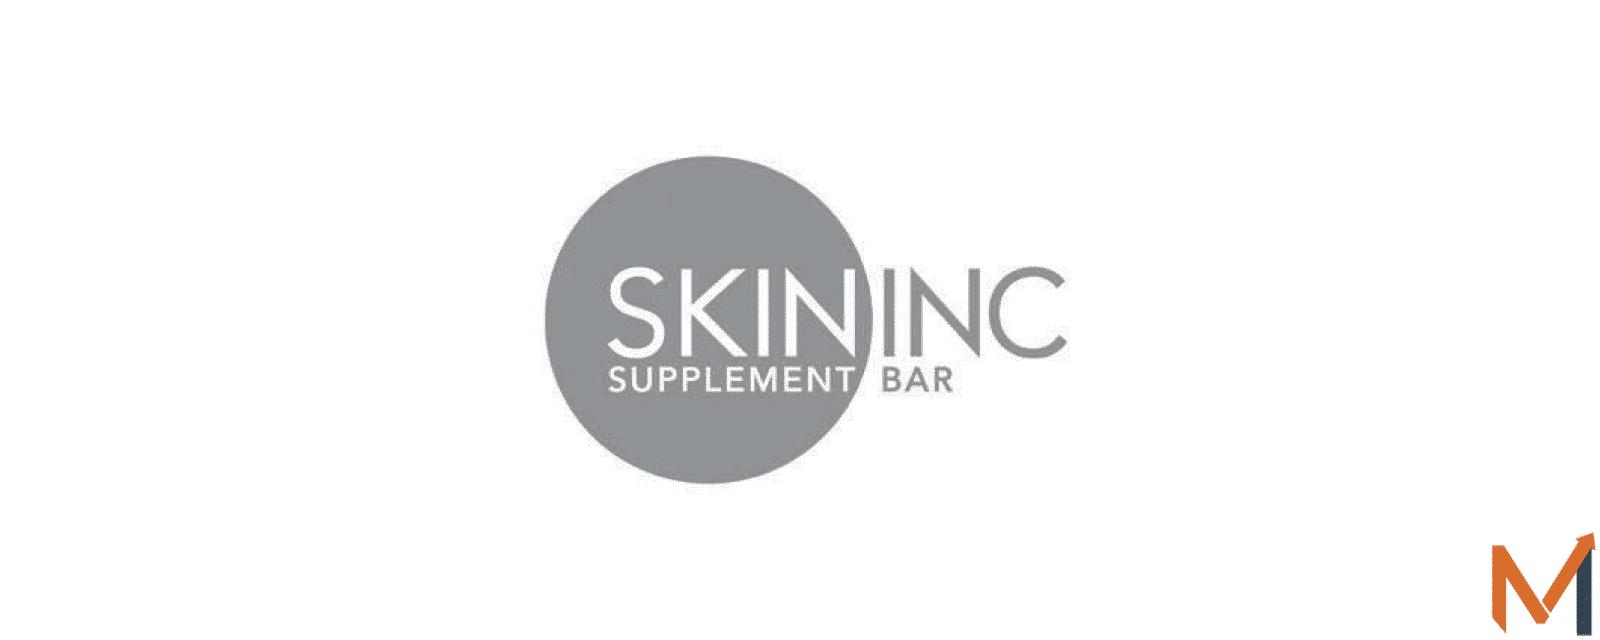 Skin Inc Marketyze Banner